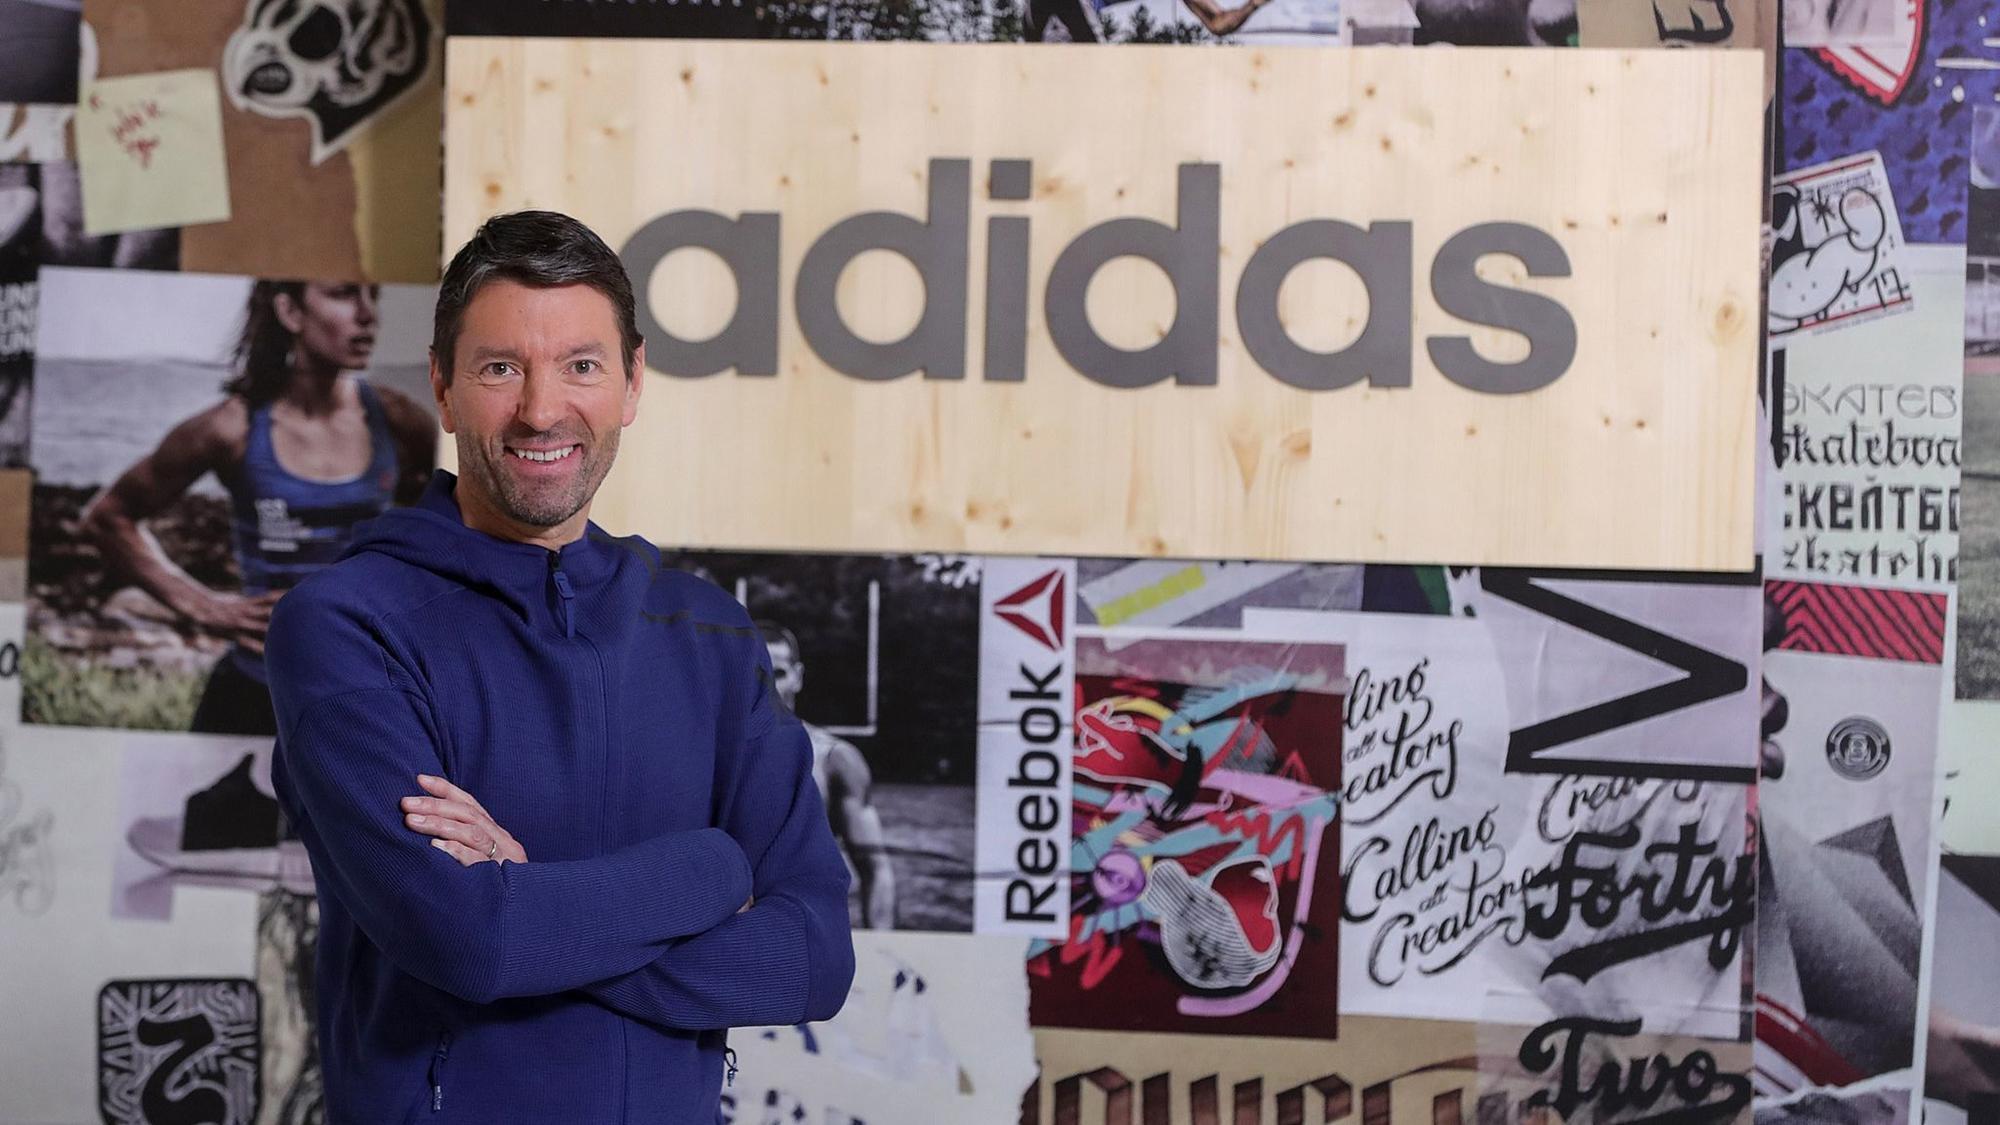 dda38a730dd0 Adidas has gotten a Boost - Chicago Tribune